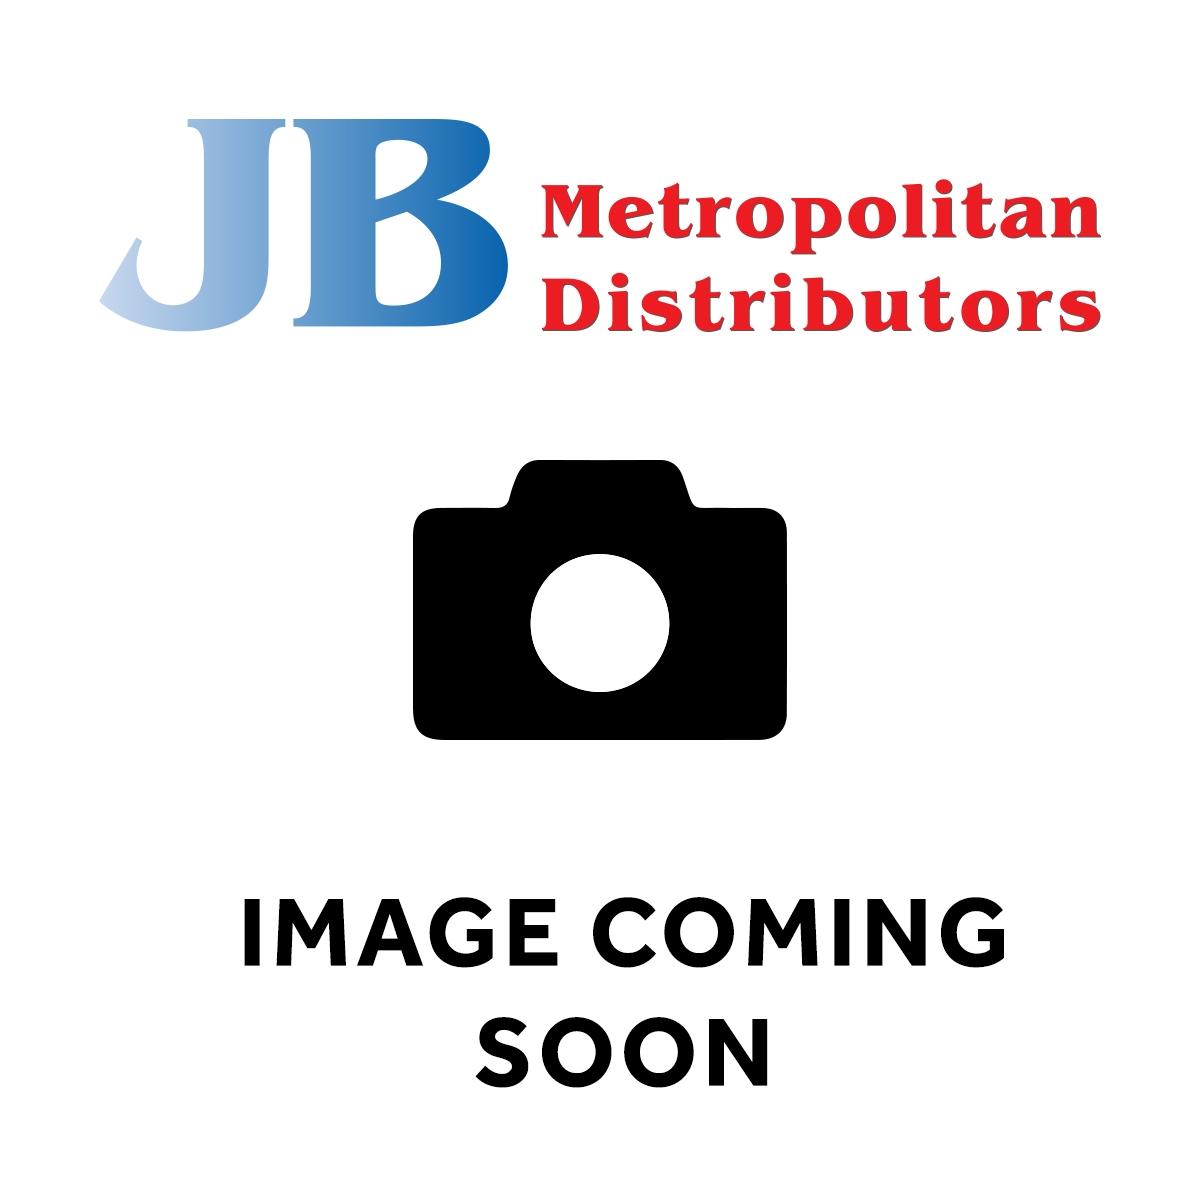 D/L RIPPER APLE/BLCKC 250G (12